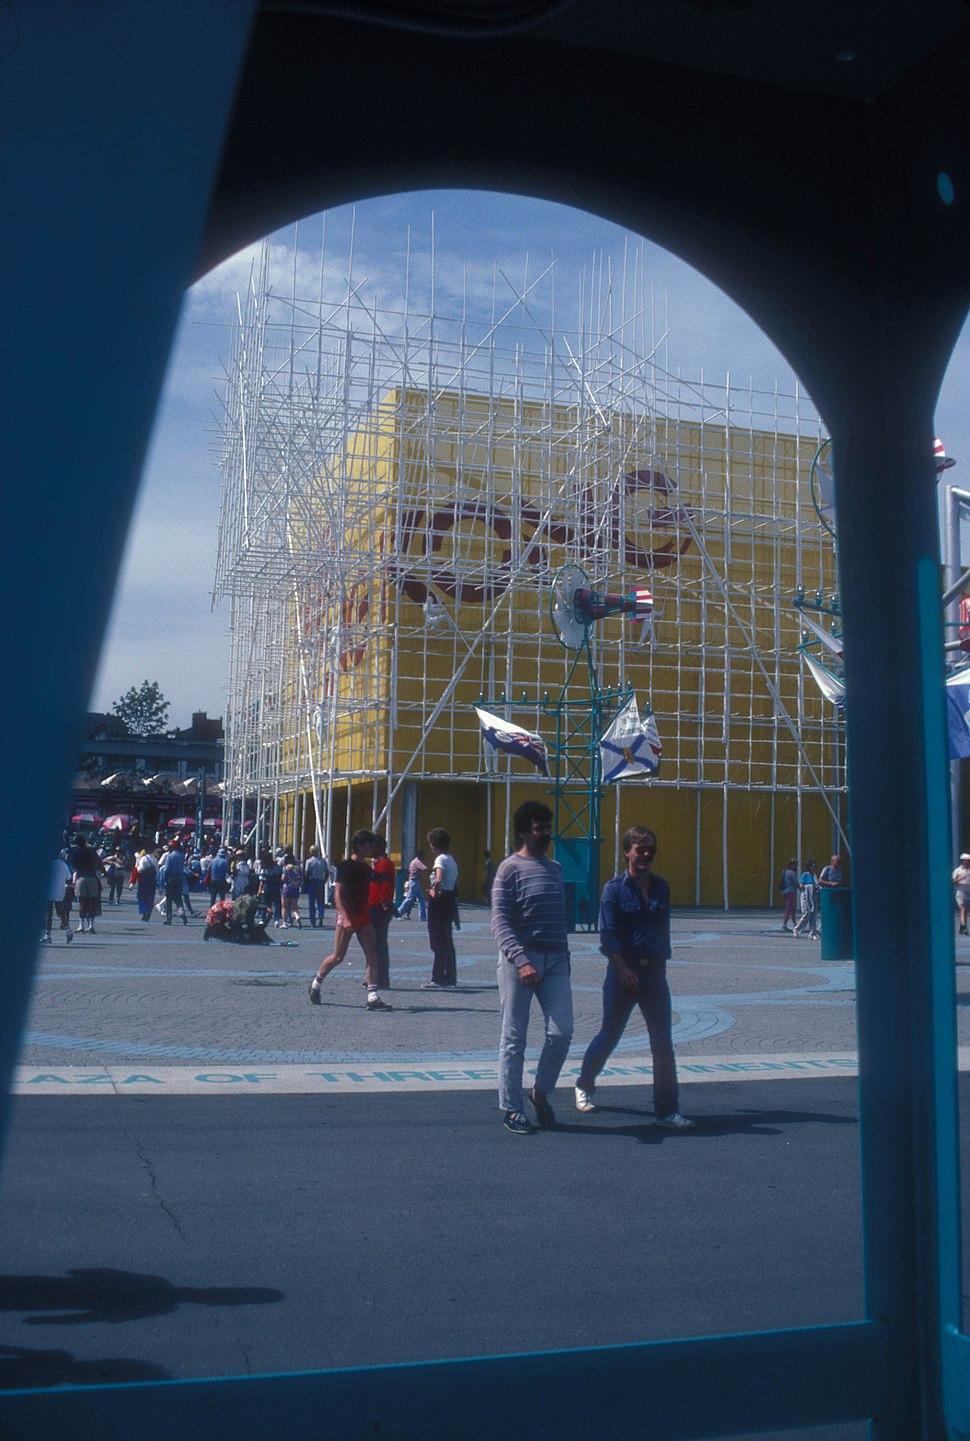 HONG KONG PAVILION AT EXPO 86, VANCOUVER, B.C.